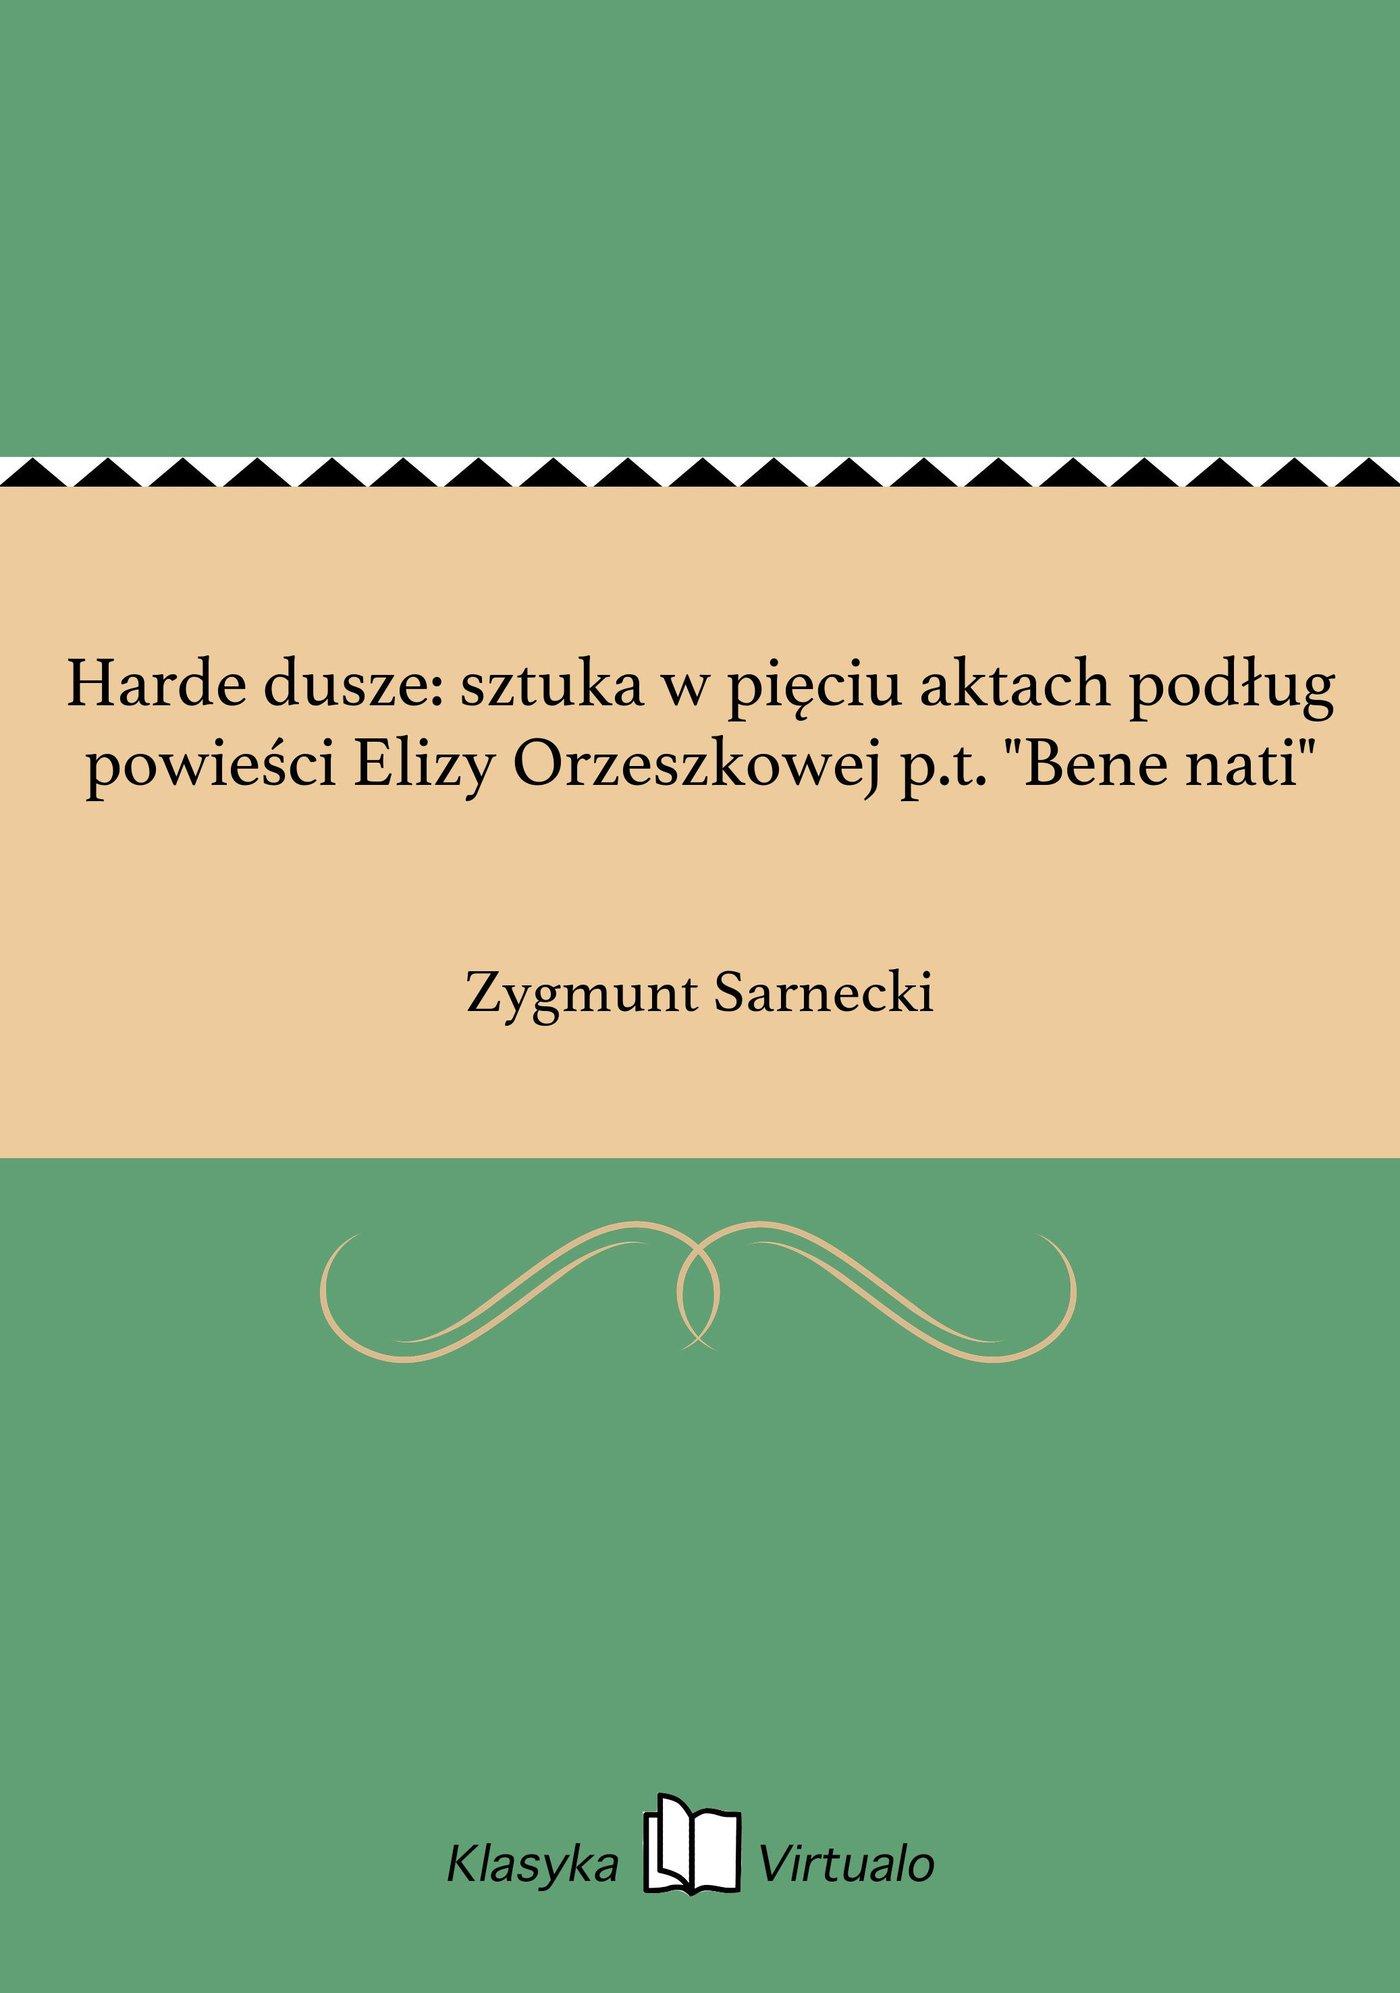 """Harde dusze: sztuka w pięciu aktach podług powieści Elizy Orzeszkowej p.t. """"Bene nati"""" - Ebook (Książka na Kindle) do pobrania w formacie MOBI"""